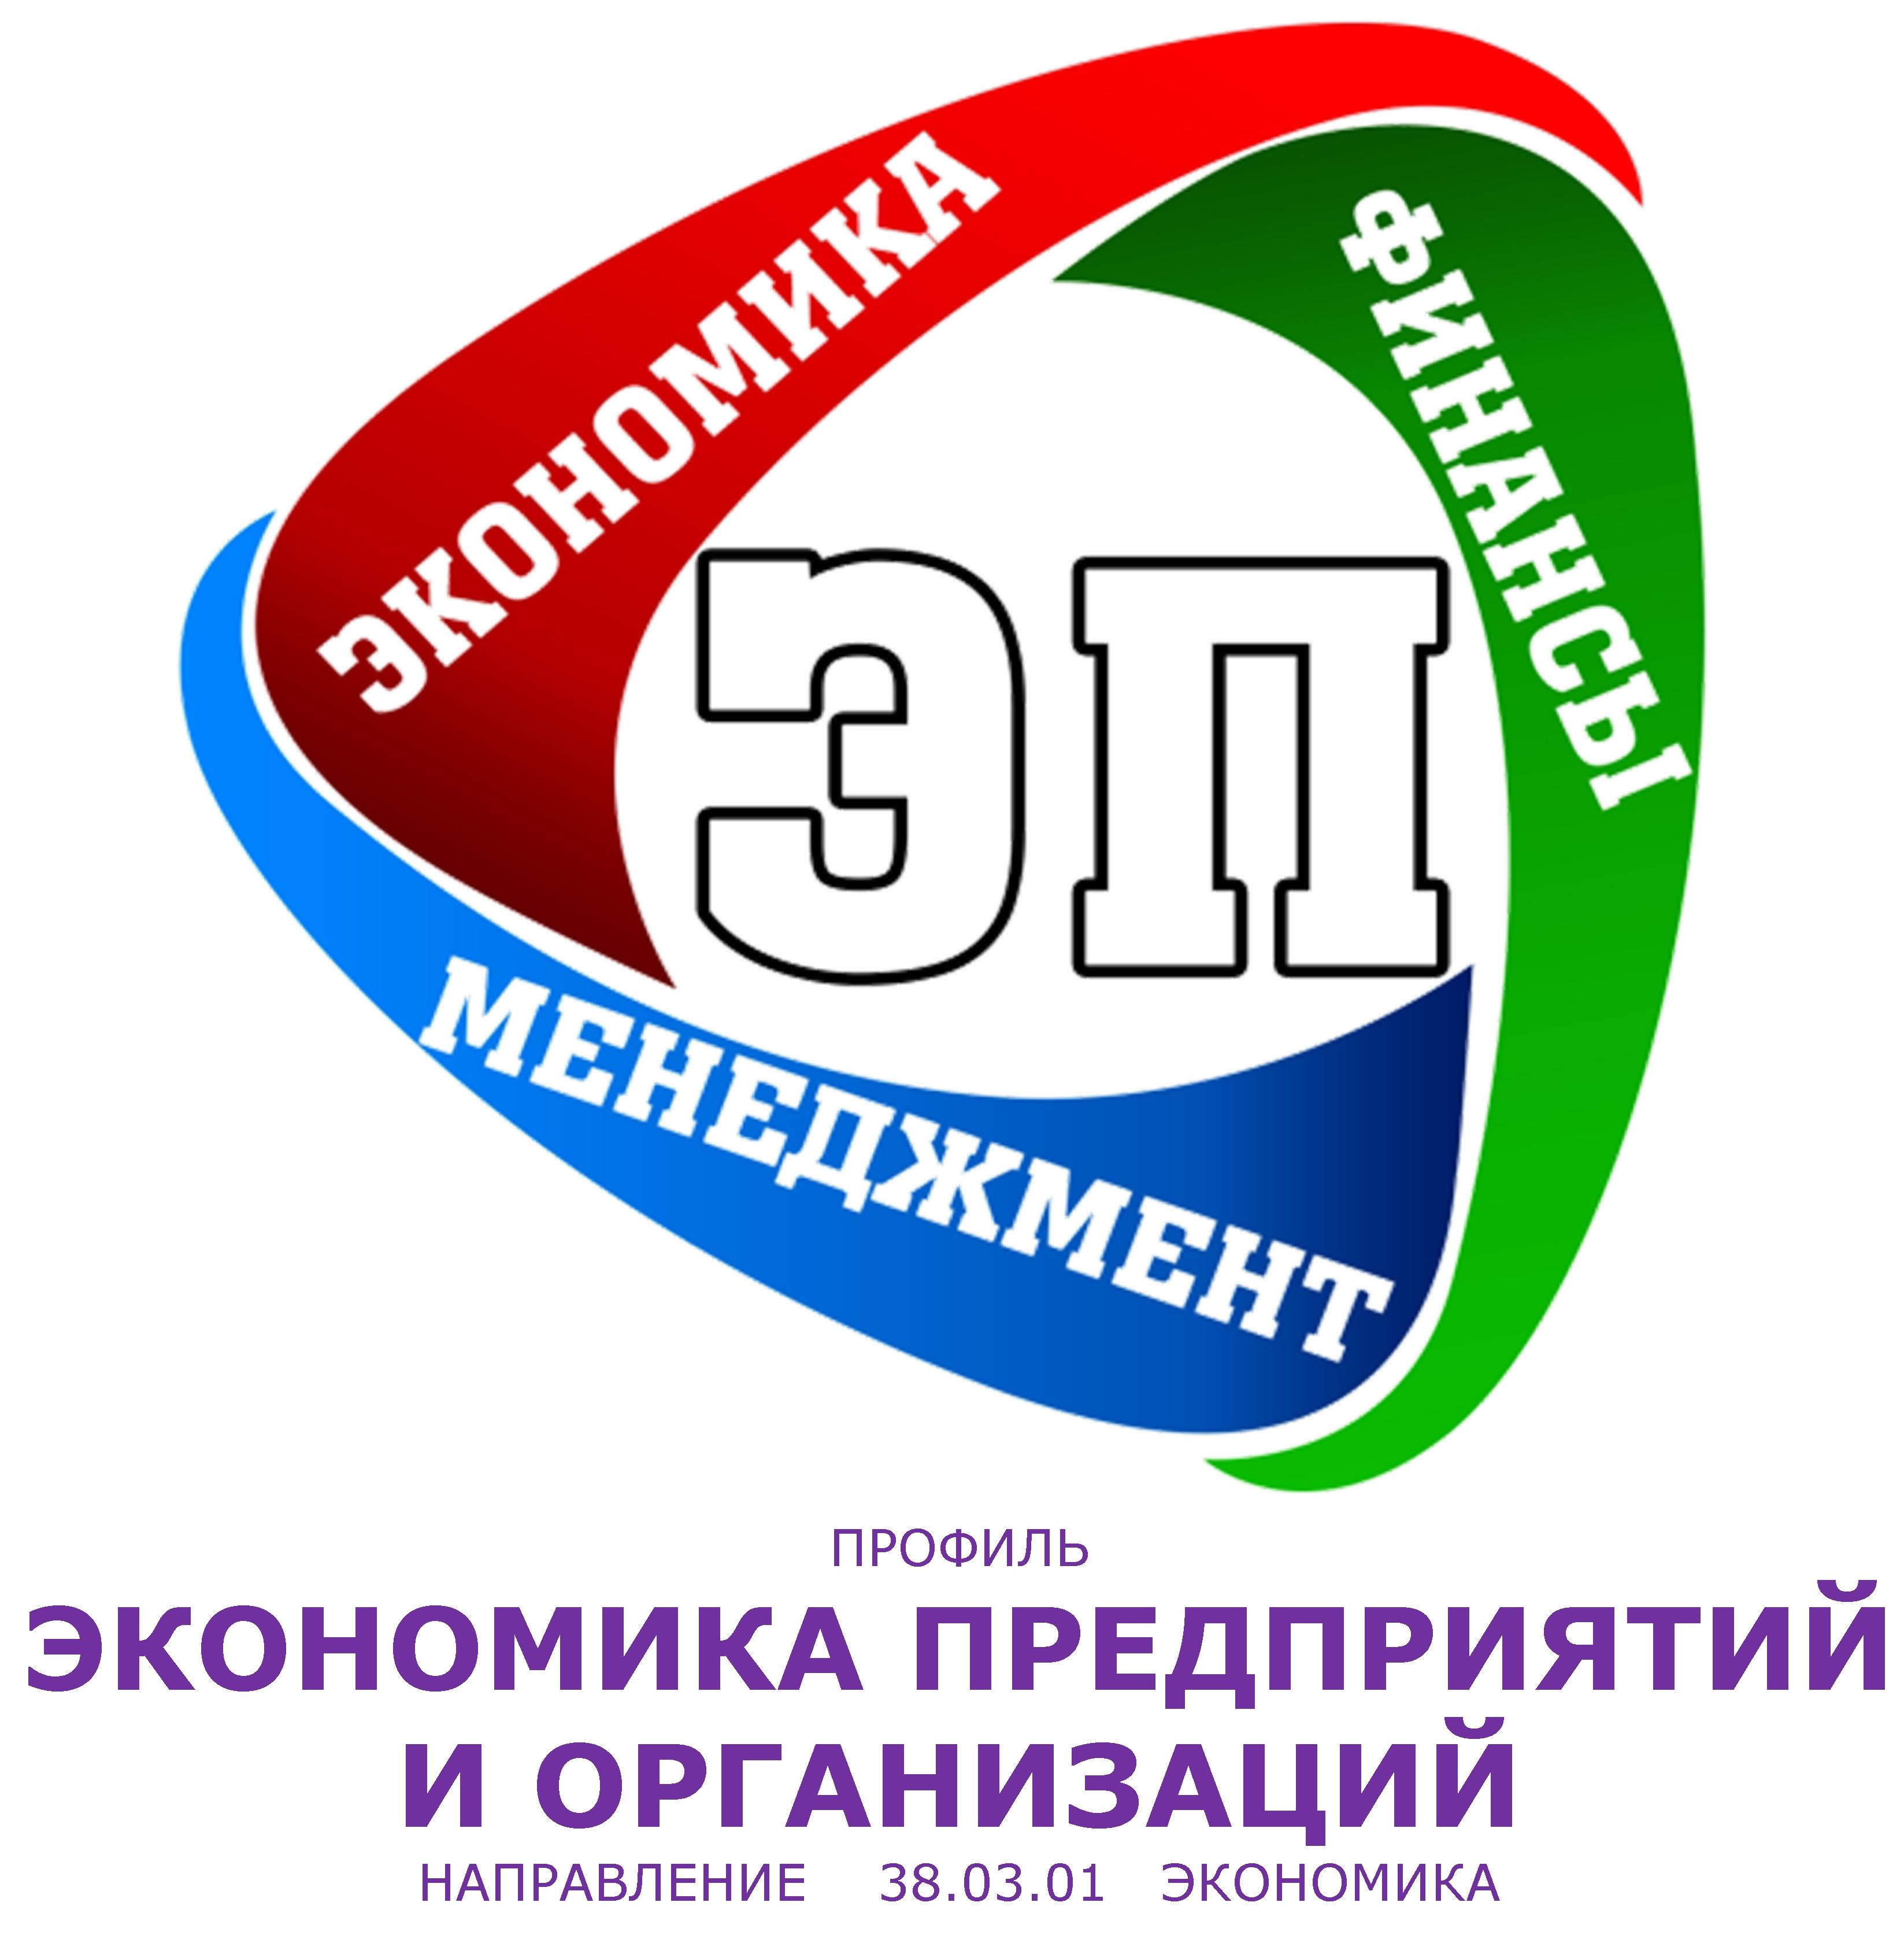 УГАТУ, Бакалавриат. Профиль Экономика предприятий и организаций. Кафедра ЭП